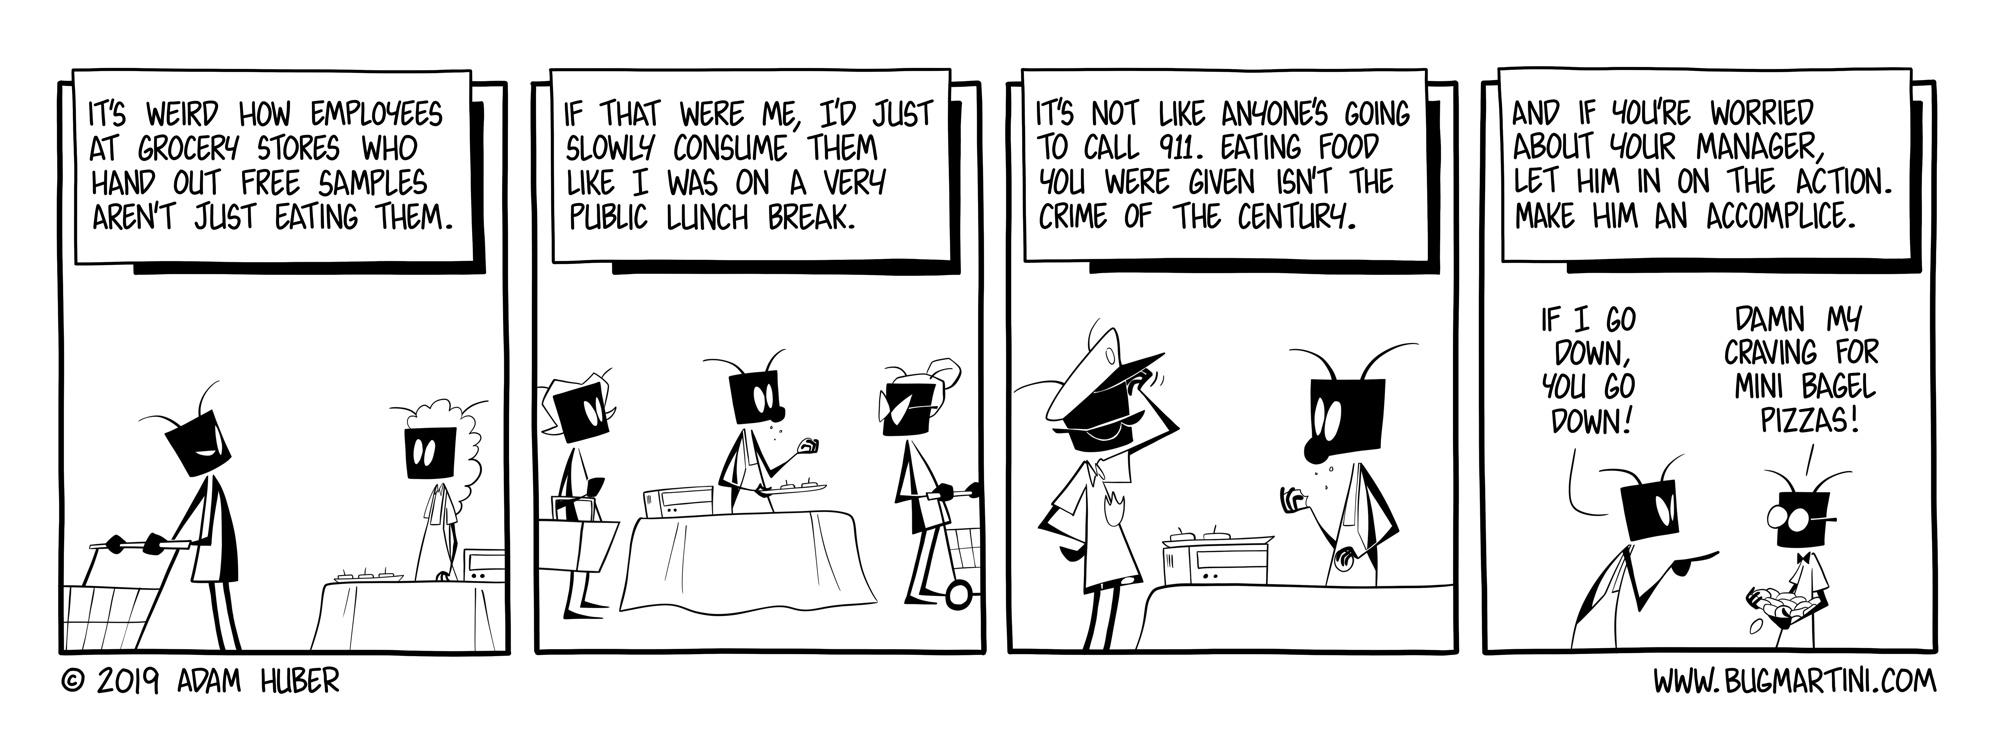 Foodstore Cowboy